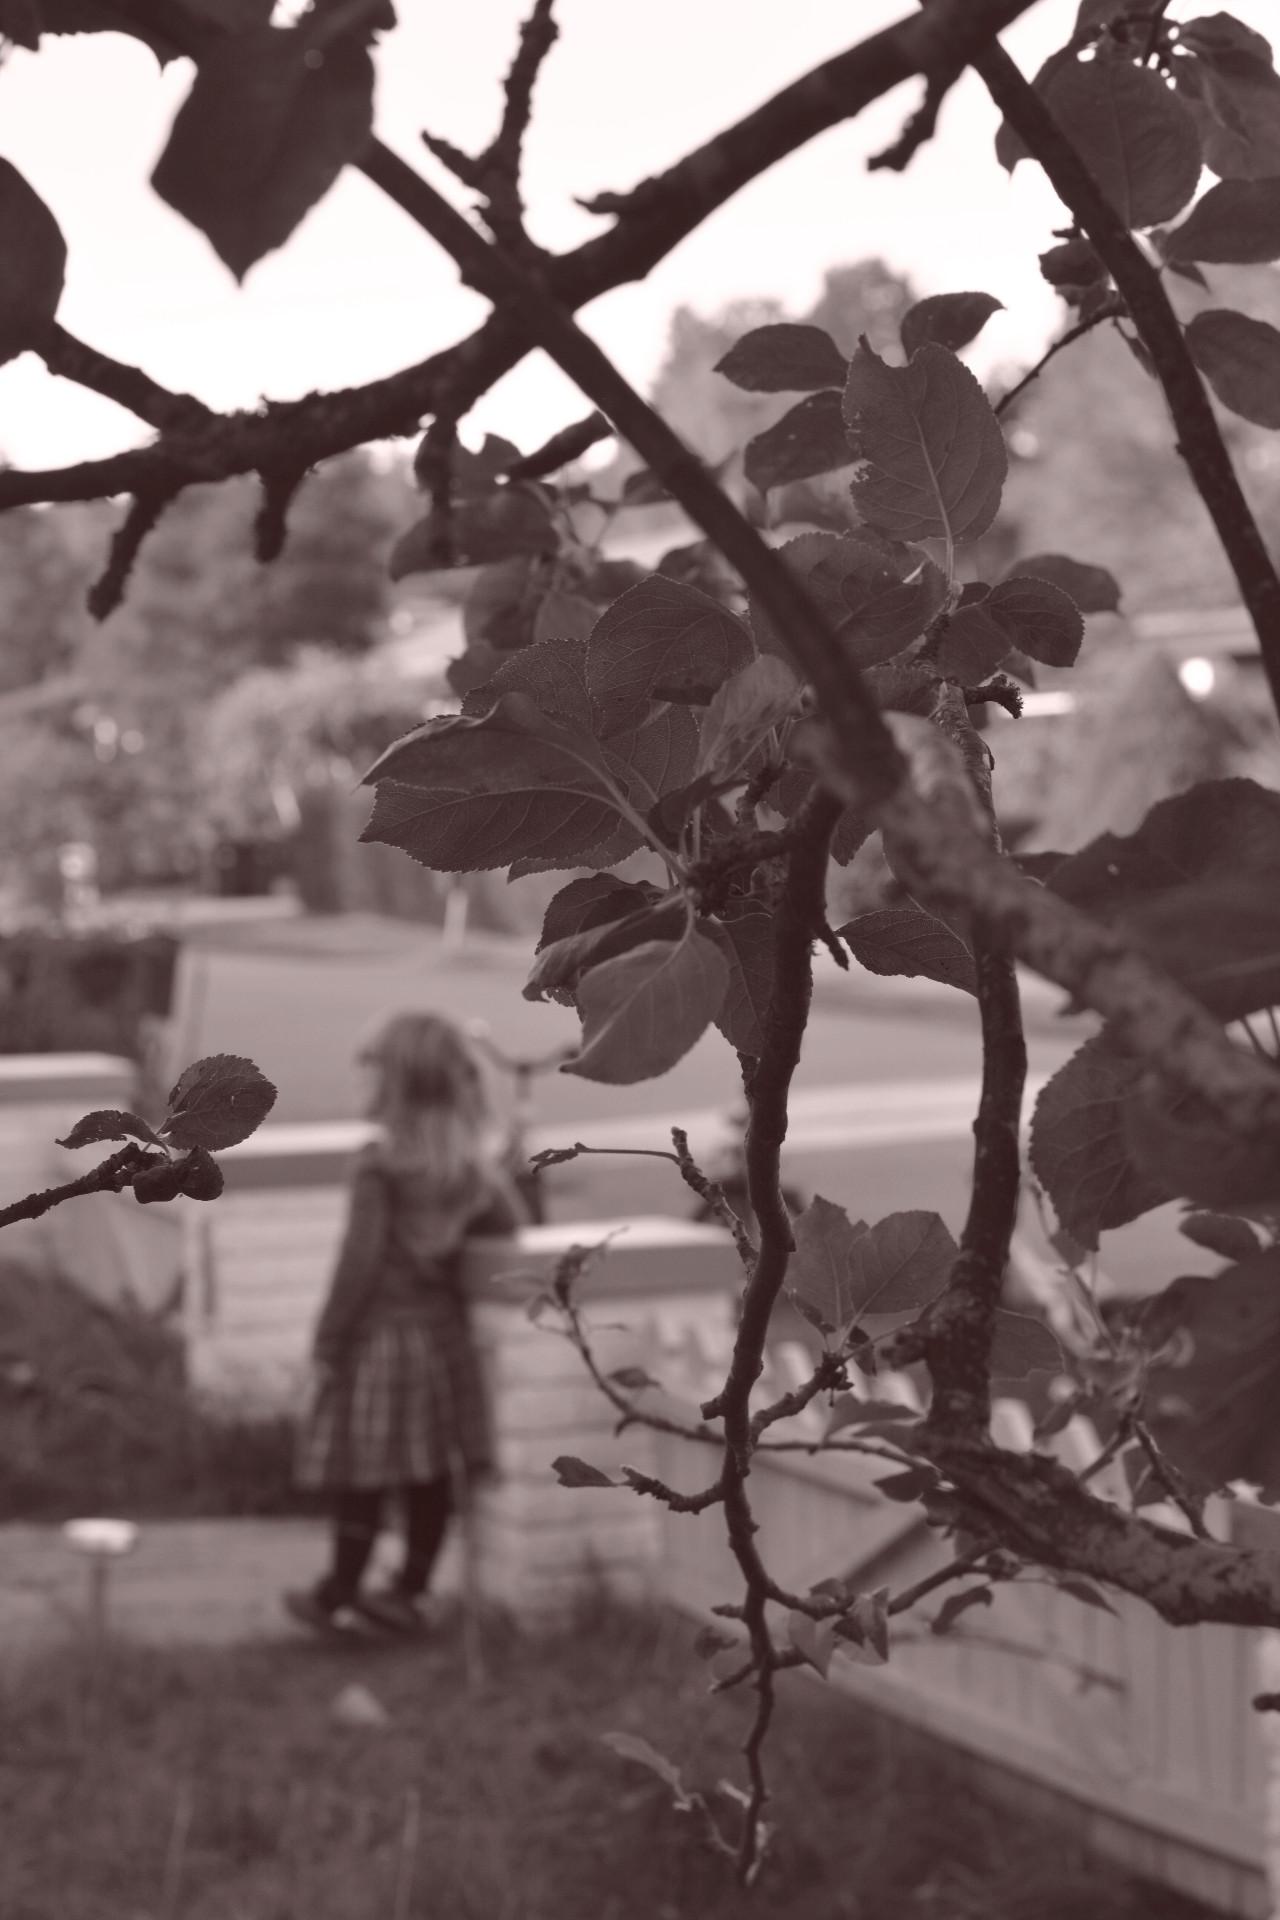 Svartvitt sepia flicka i trädgård med äppelträd i förgrunden.